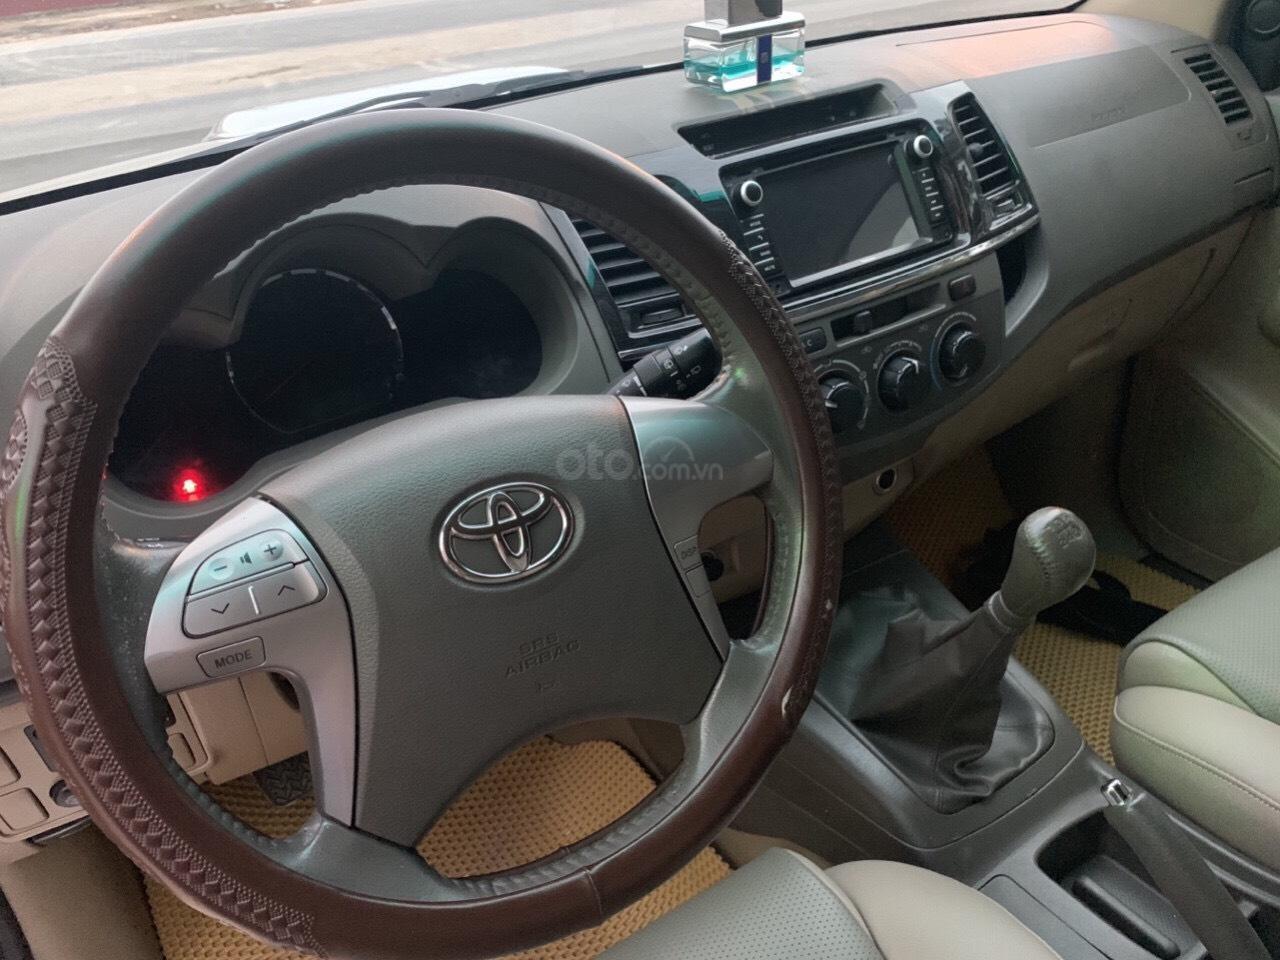 Bán Toyota Fortuner năm sản xuất 2013, màu bạc (8)